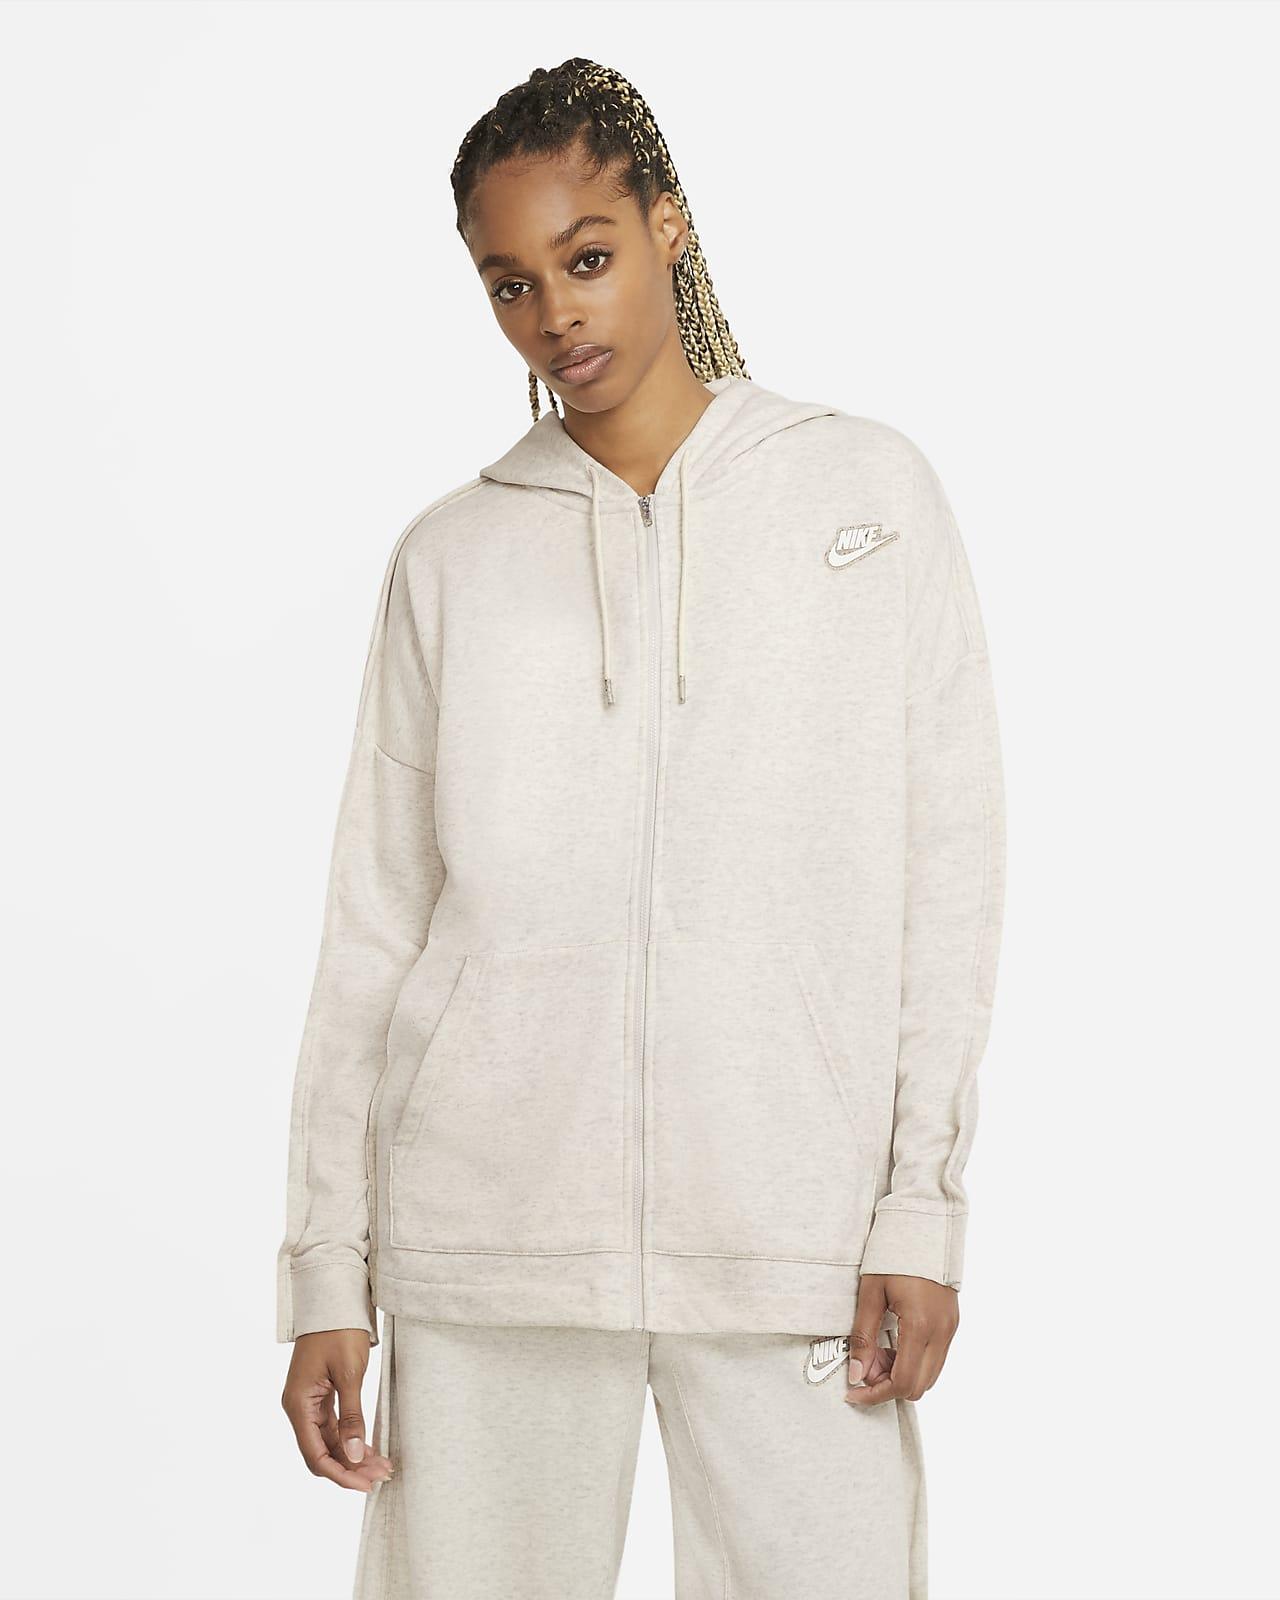 Γυναικεία μπλούζα με κουκούλα και φερμουάρ σε όλο το μήκος από ύφασμα French Terry Nike Sportswear